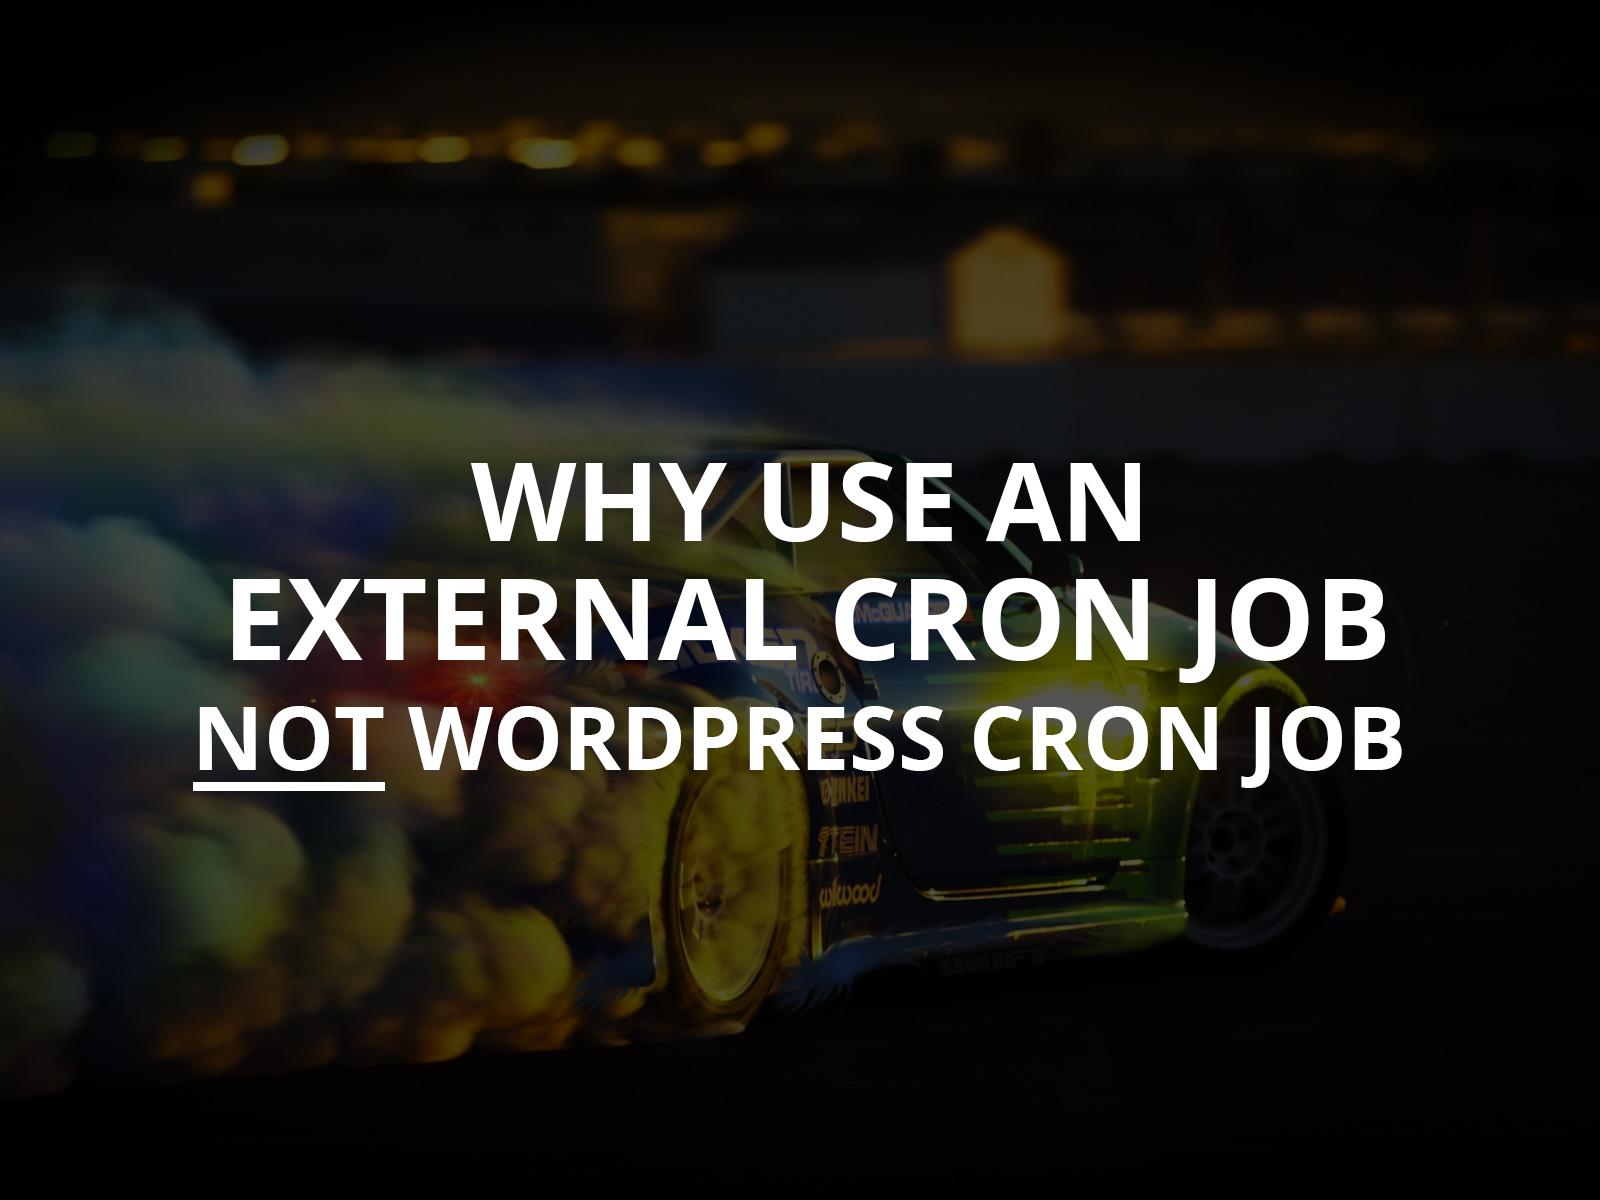 Why Use an External Cron Job, Not WordPress Cron Job